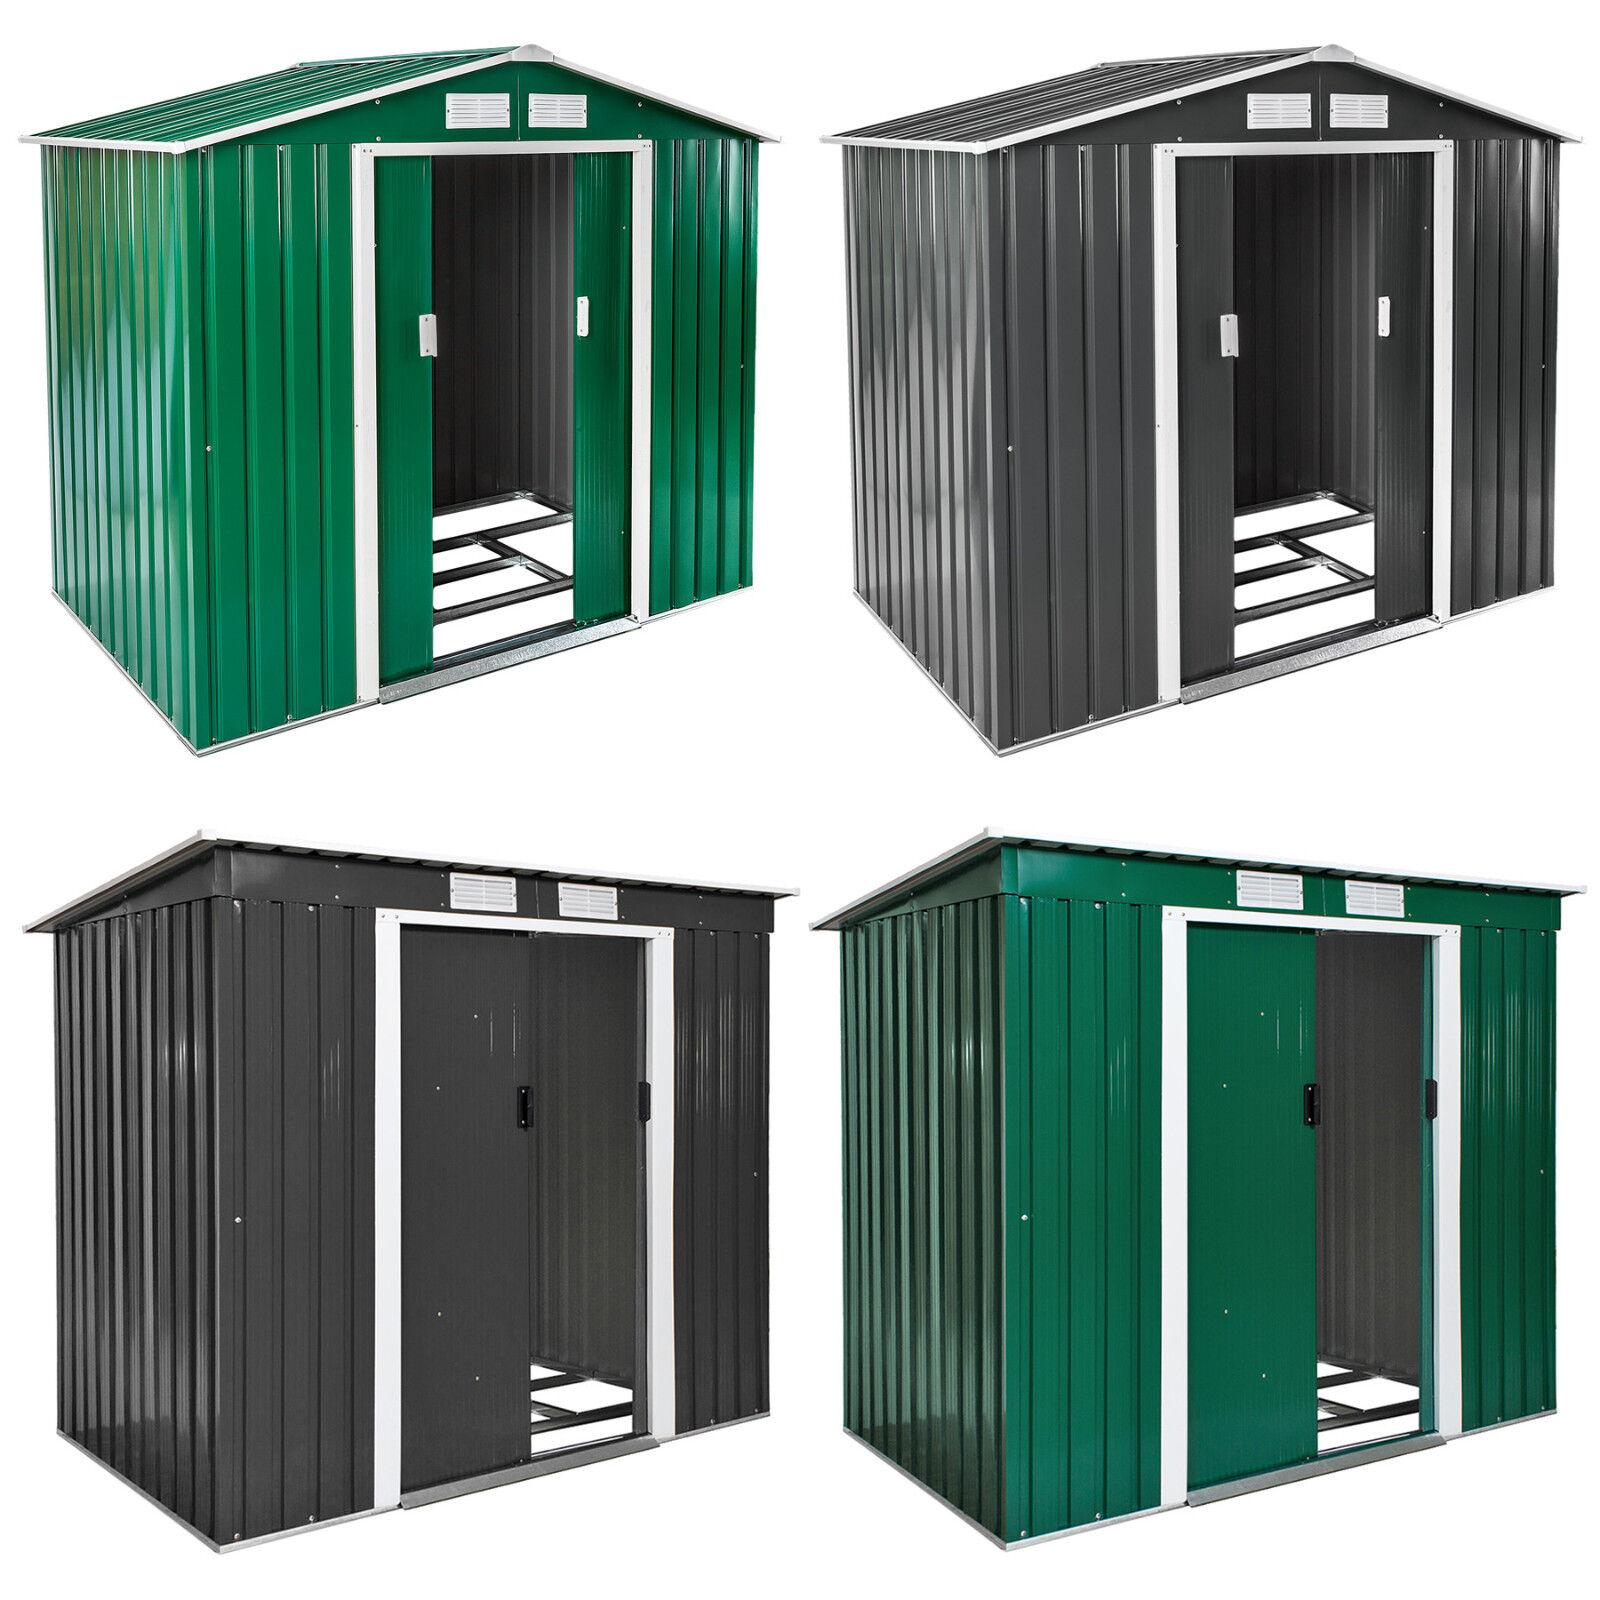 Box casetta metallo per giardino serra attrezzi capanno capannone + fondazione